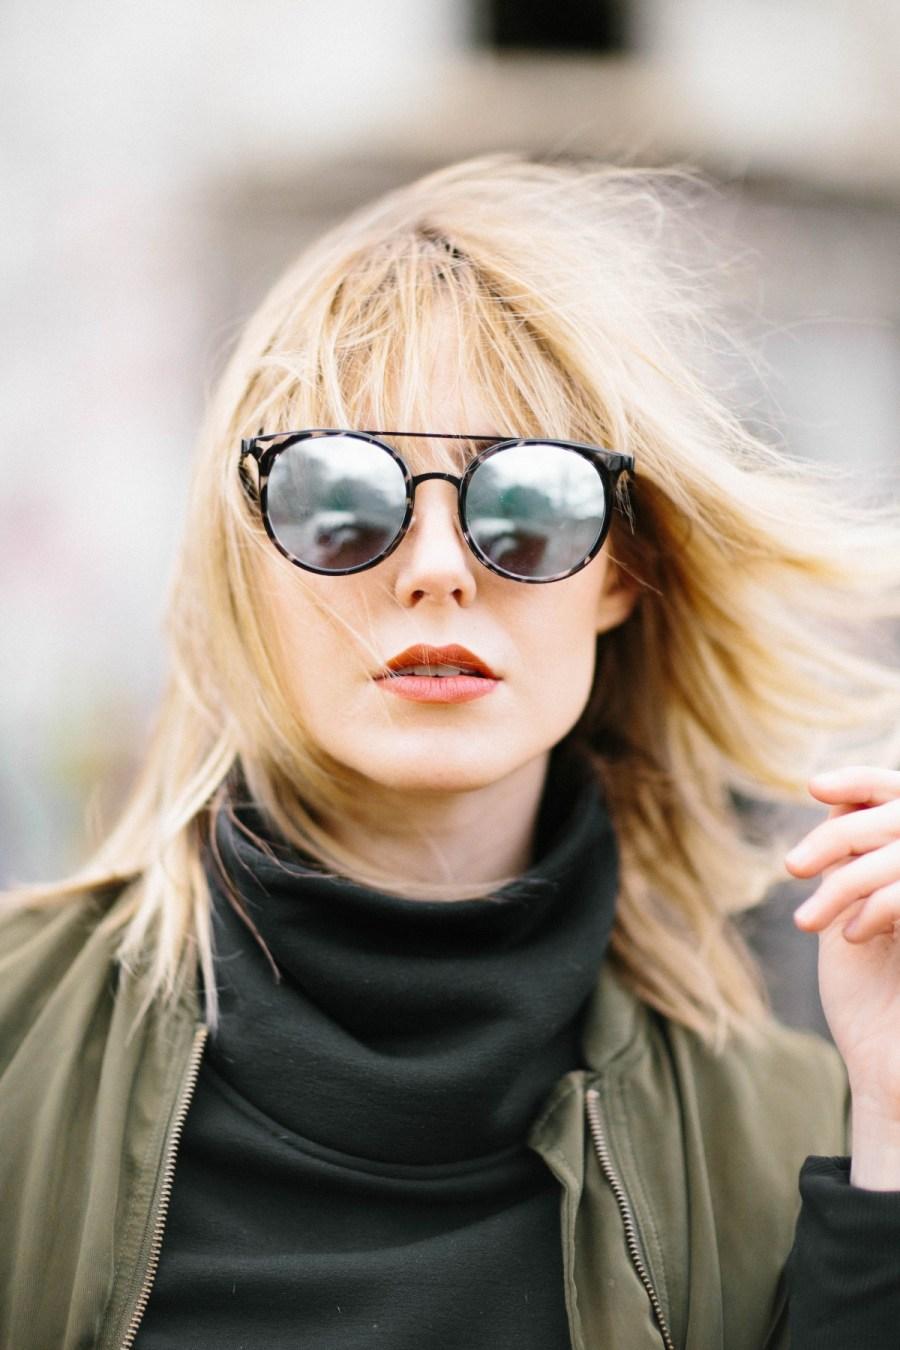 occhiali da sole i modelli del 2018